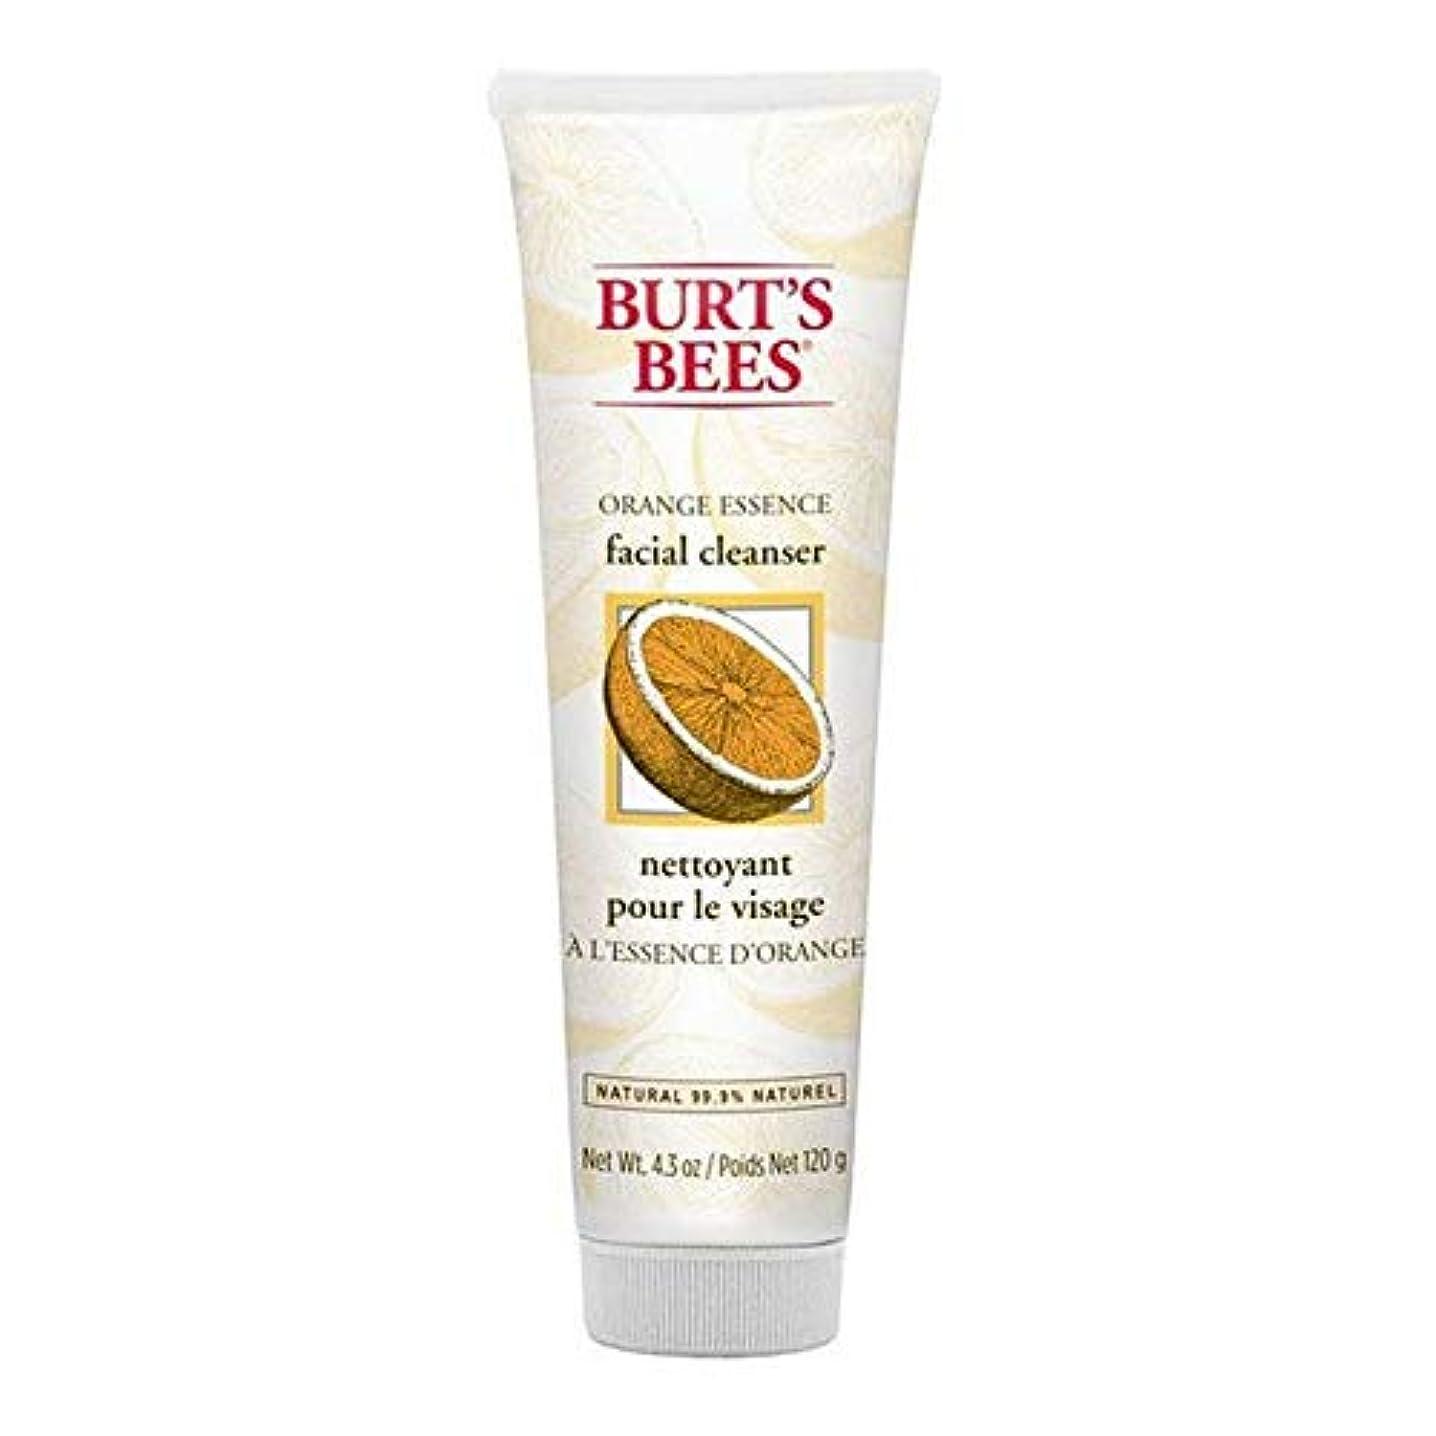 サワー夜の動物園ハブブ[Burt's Bees ] バーツビーオレンジエッセンス洗顔料の120グラム - Burt's Bees Orange Essence Facial Cleanser 120g [並行輸入品]